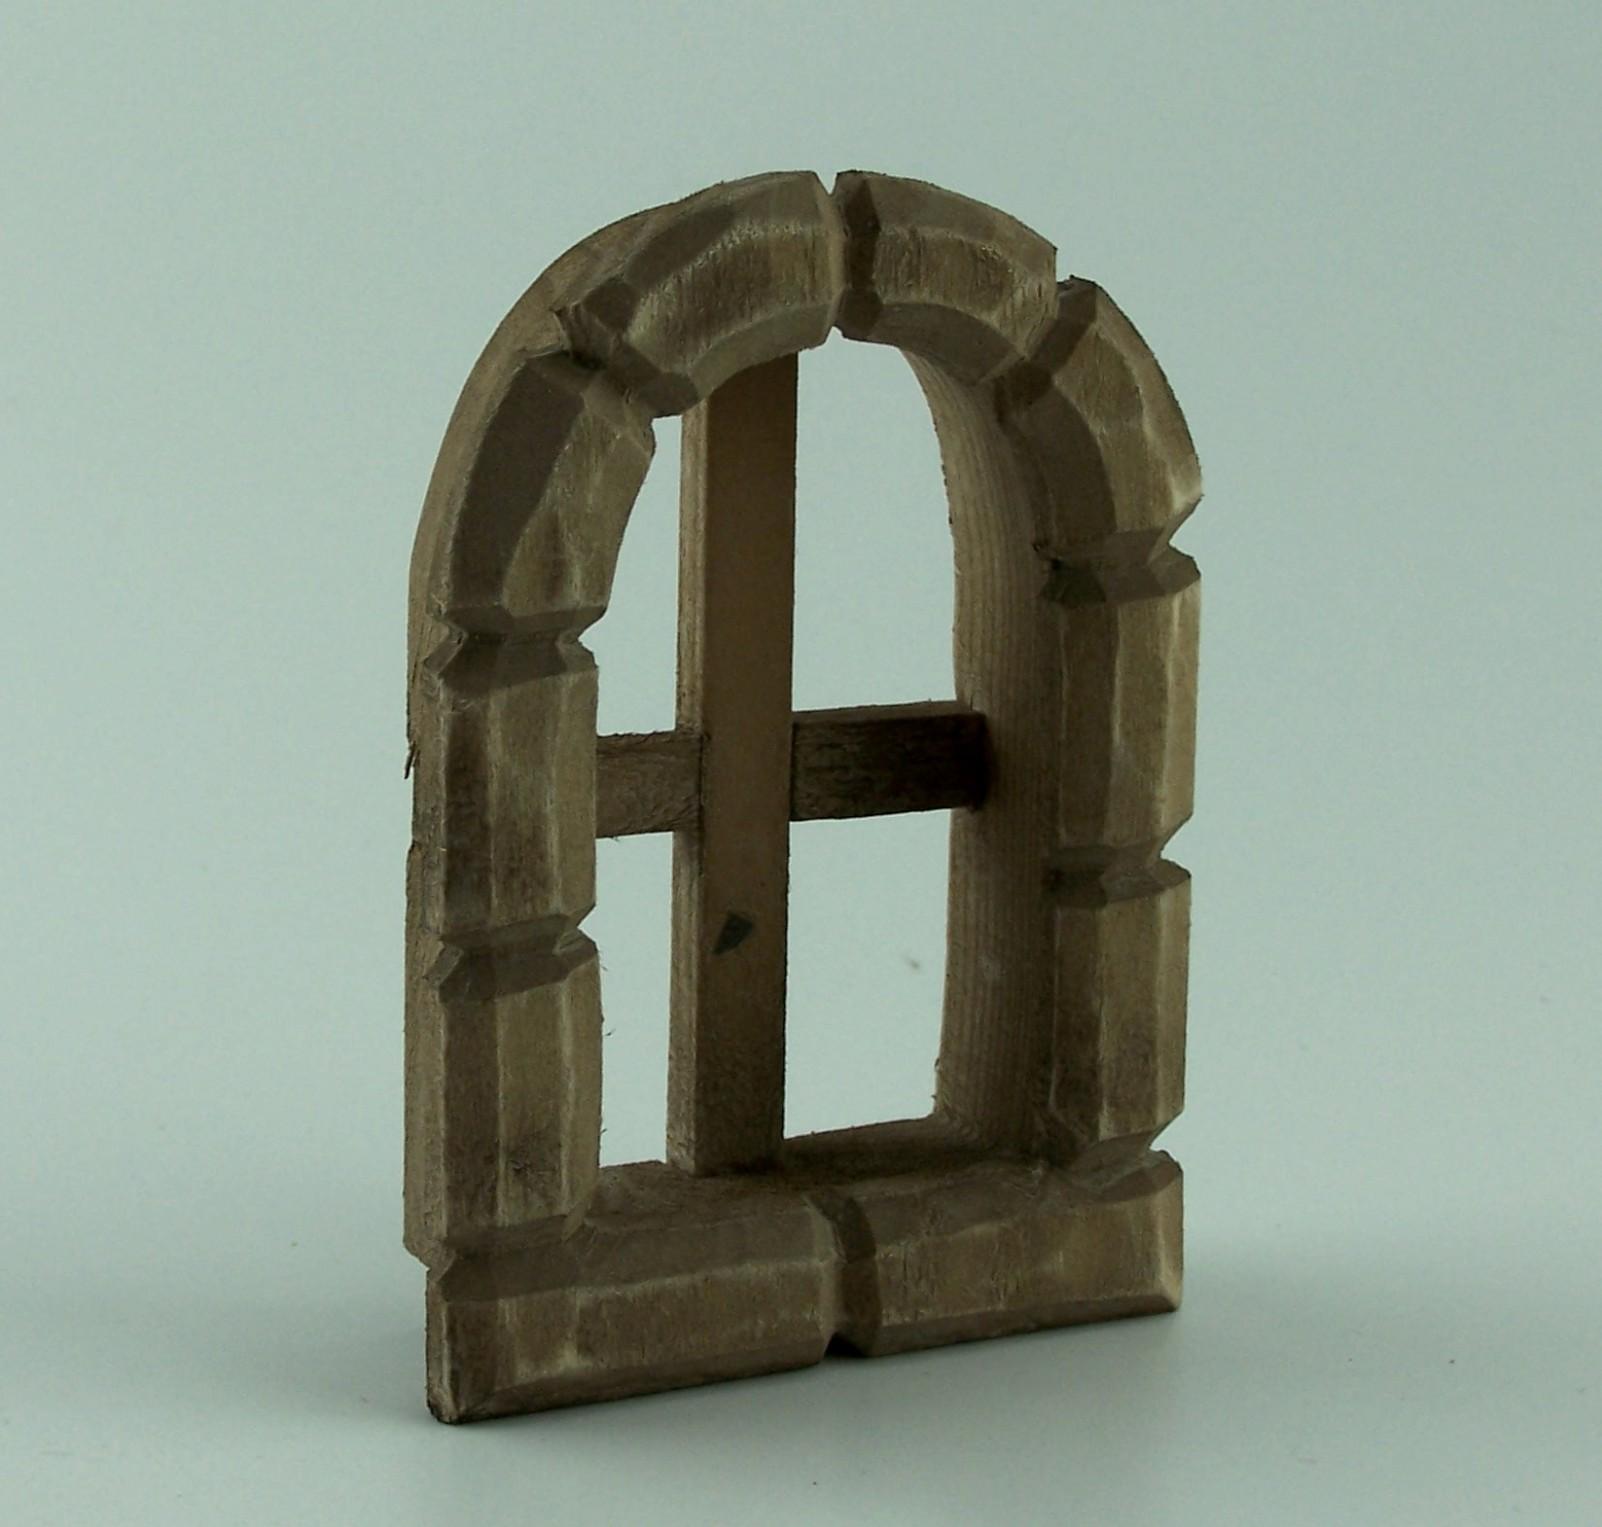 fenster mit geschnitzte zargen zargen aus lindenholz 9x6 5 cm braun gebeizt. Black Bedroom Furniture Sets. Home Design Ideas